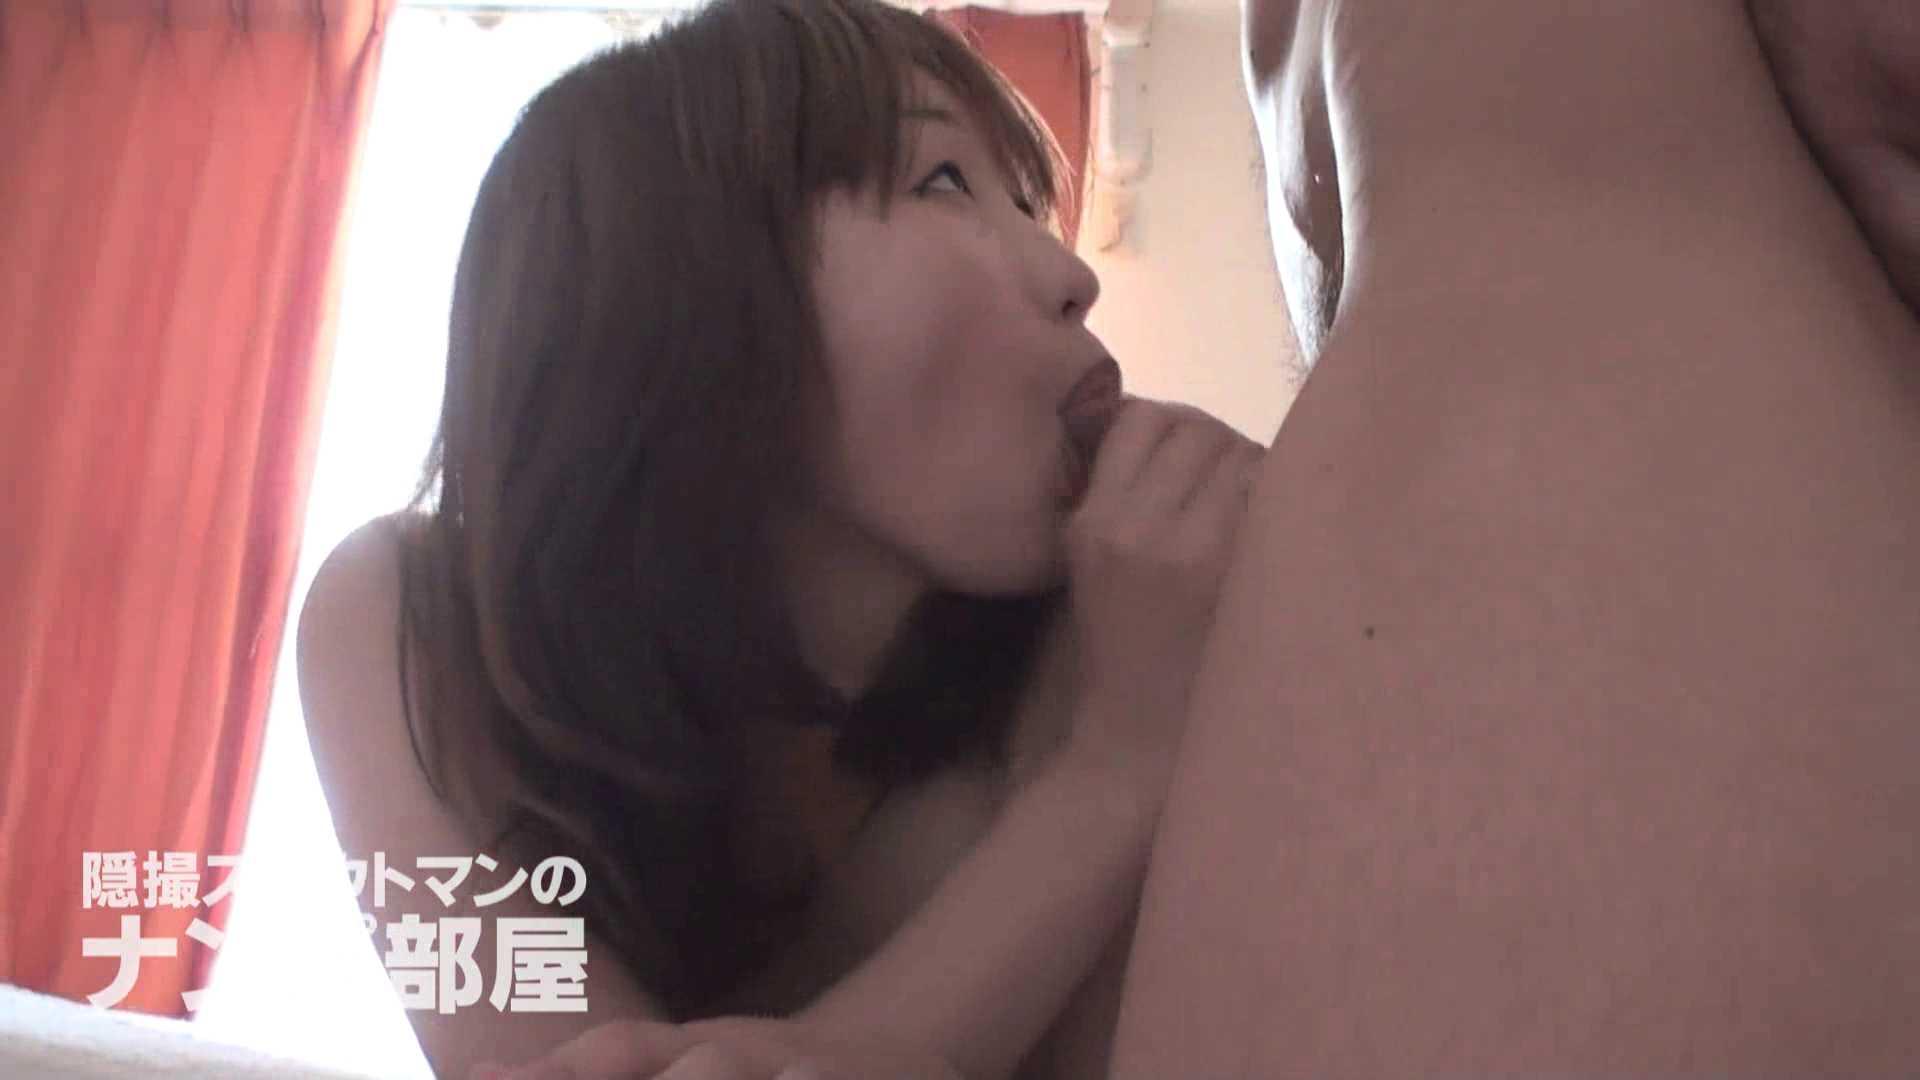 隠撮スカウトマンのナンパ部屋~風俗デビュー前のつまみ食い~ siivol.4 隠撮 アダルト動画キャプチャ 59連発 39